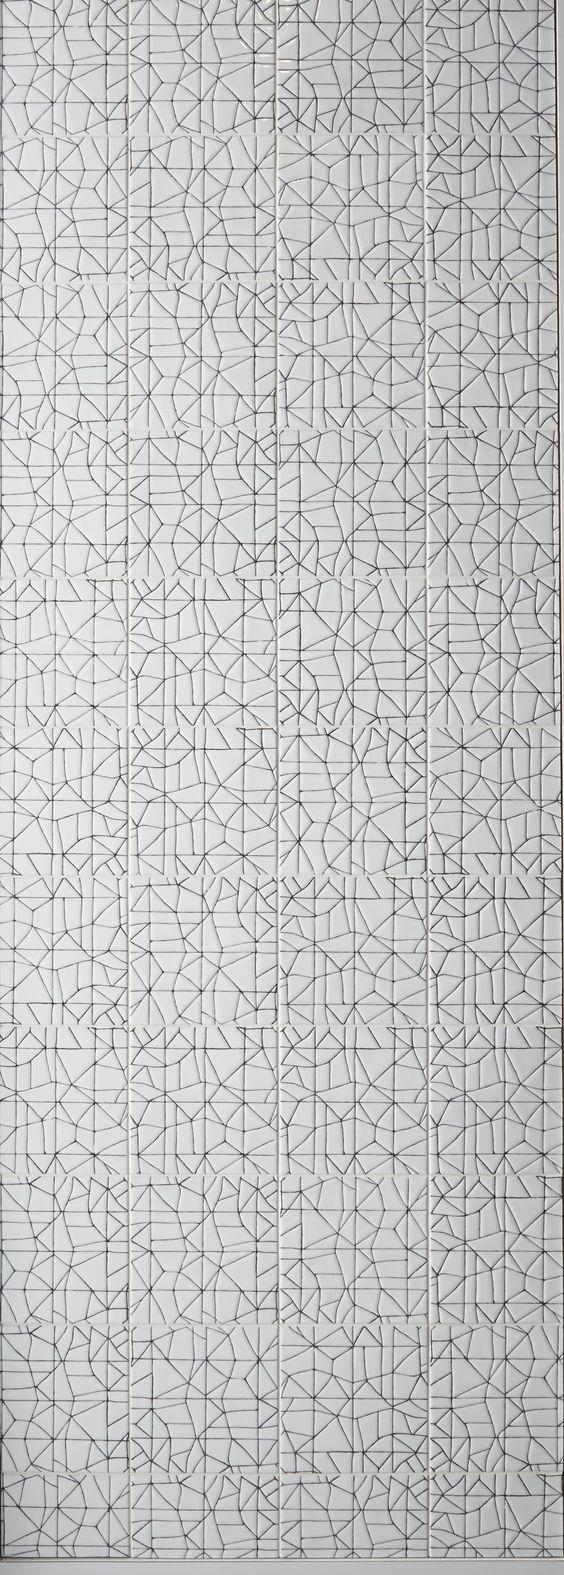 KELLY WEARSTLER X ANN SACKS. 'Maven Breakwater' ceramic tiles: